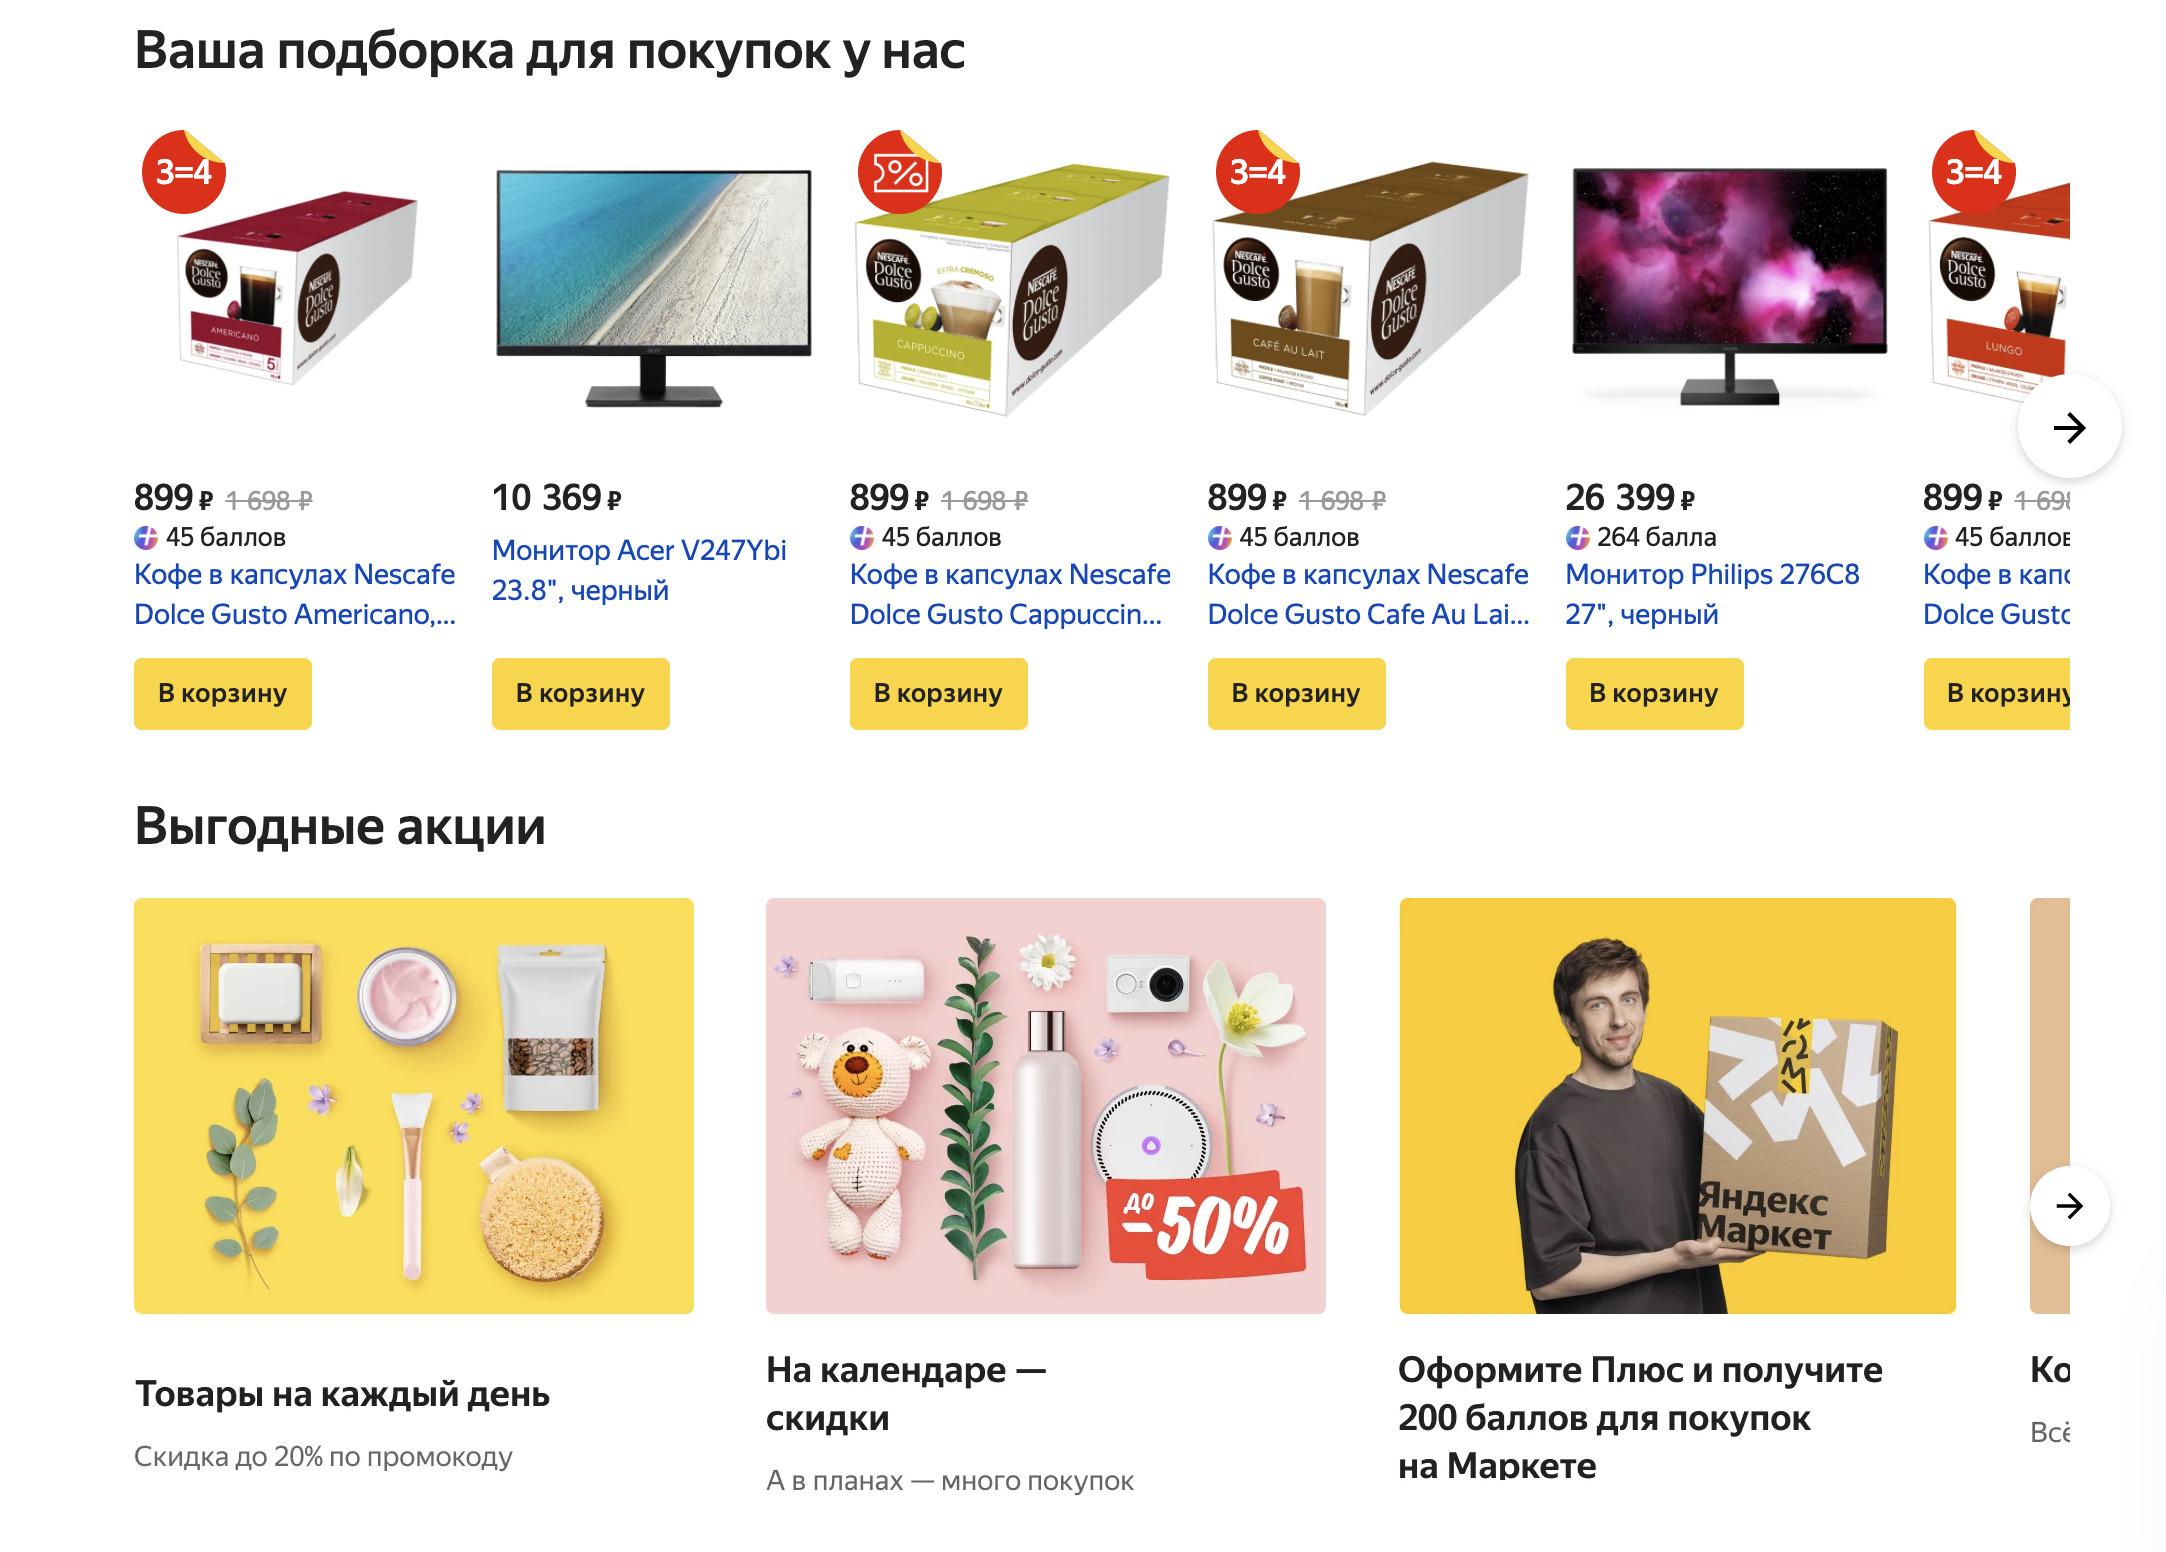 Доставка из Яндекс.Маркет в Магаданскую область, сроки, пункты выдачи, каталог